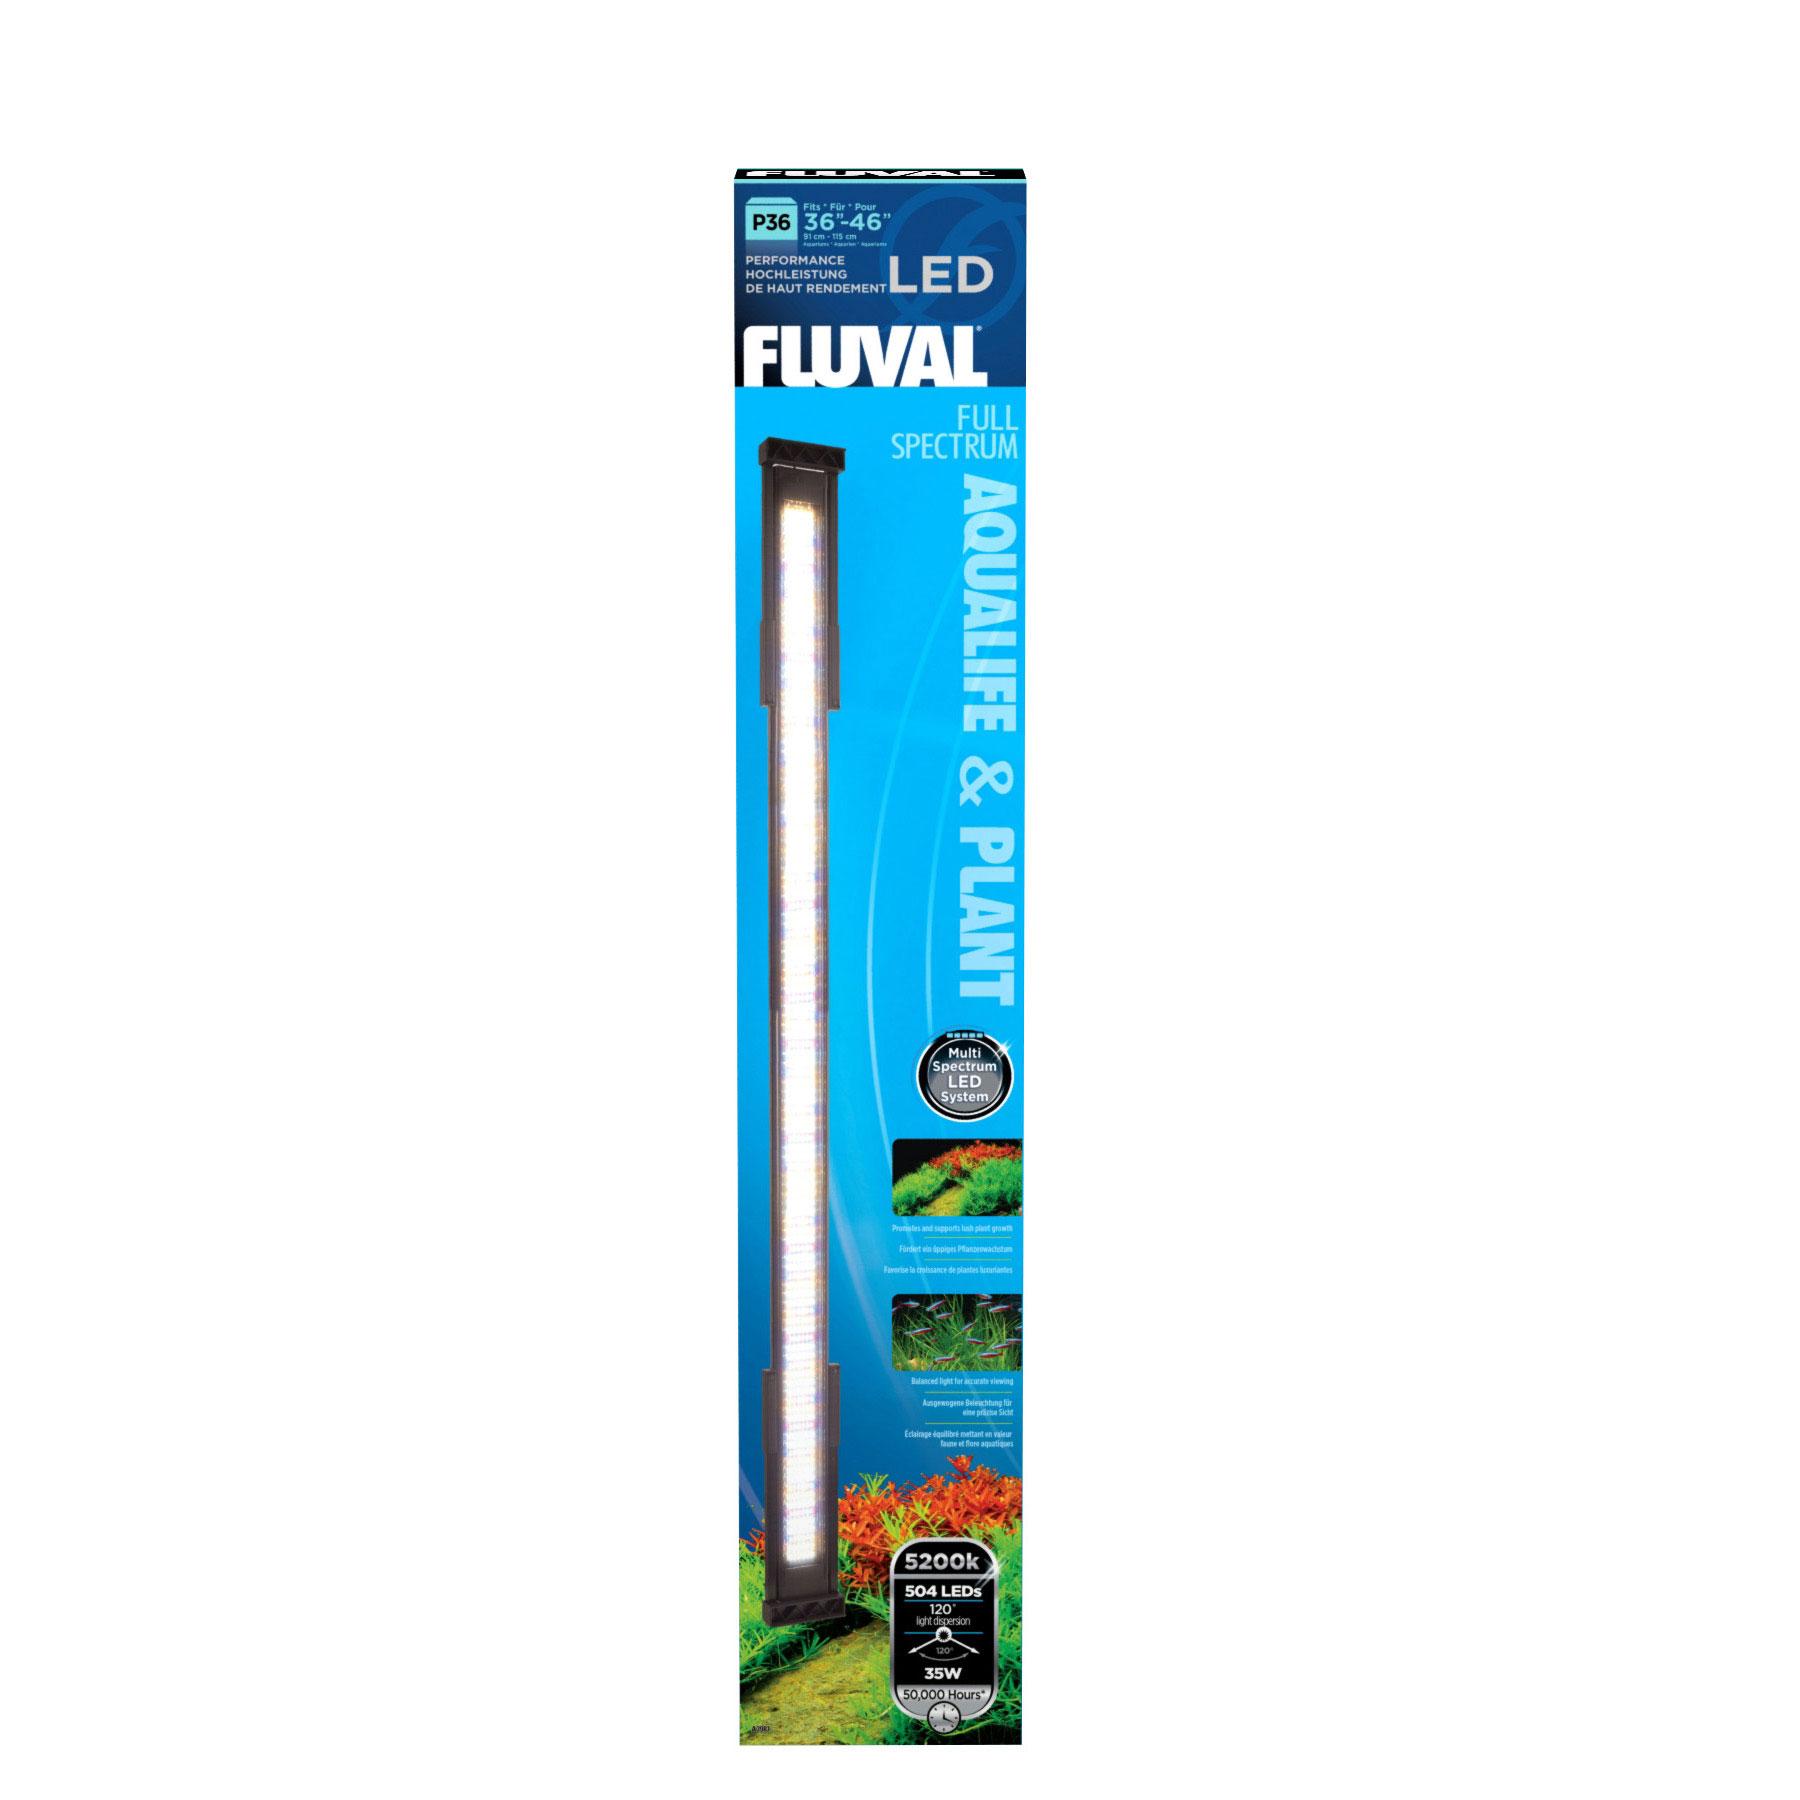 Fluval Aqualife & Plant Full Spectrum Performance LED Strip Light 35W